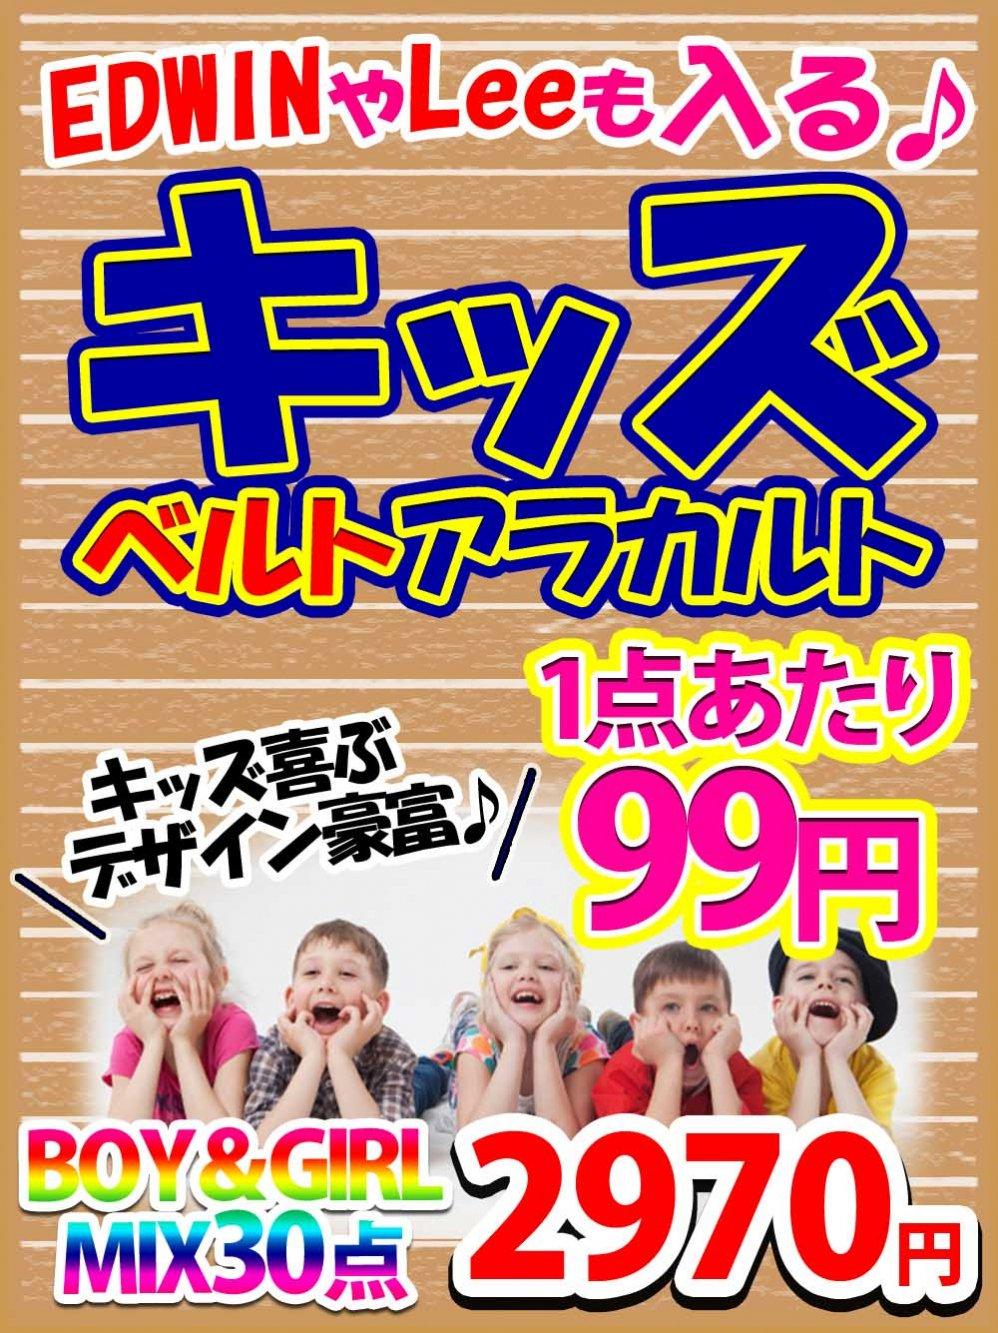 【キッズベルト99円】EDWIN/LEEも!子供喜ぶデザイン豊富♪BOY&GIRL【30点】@99